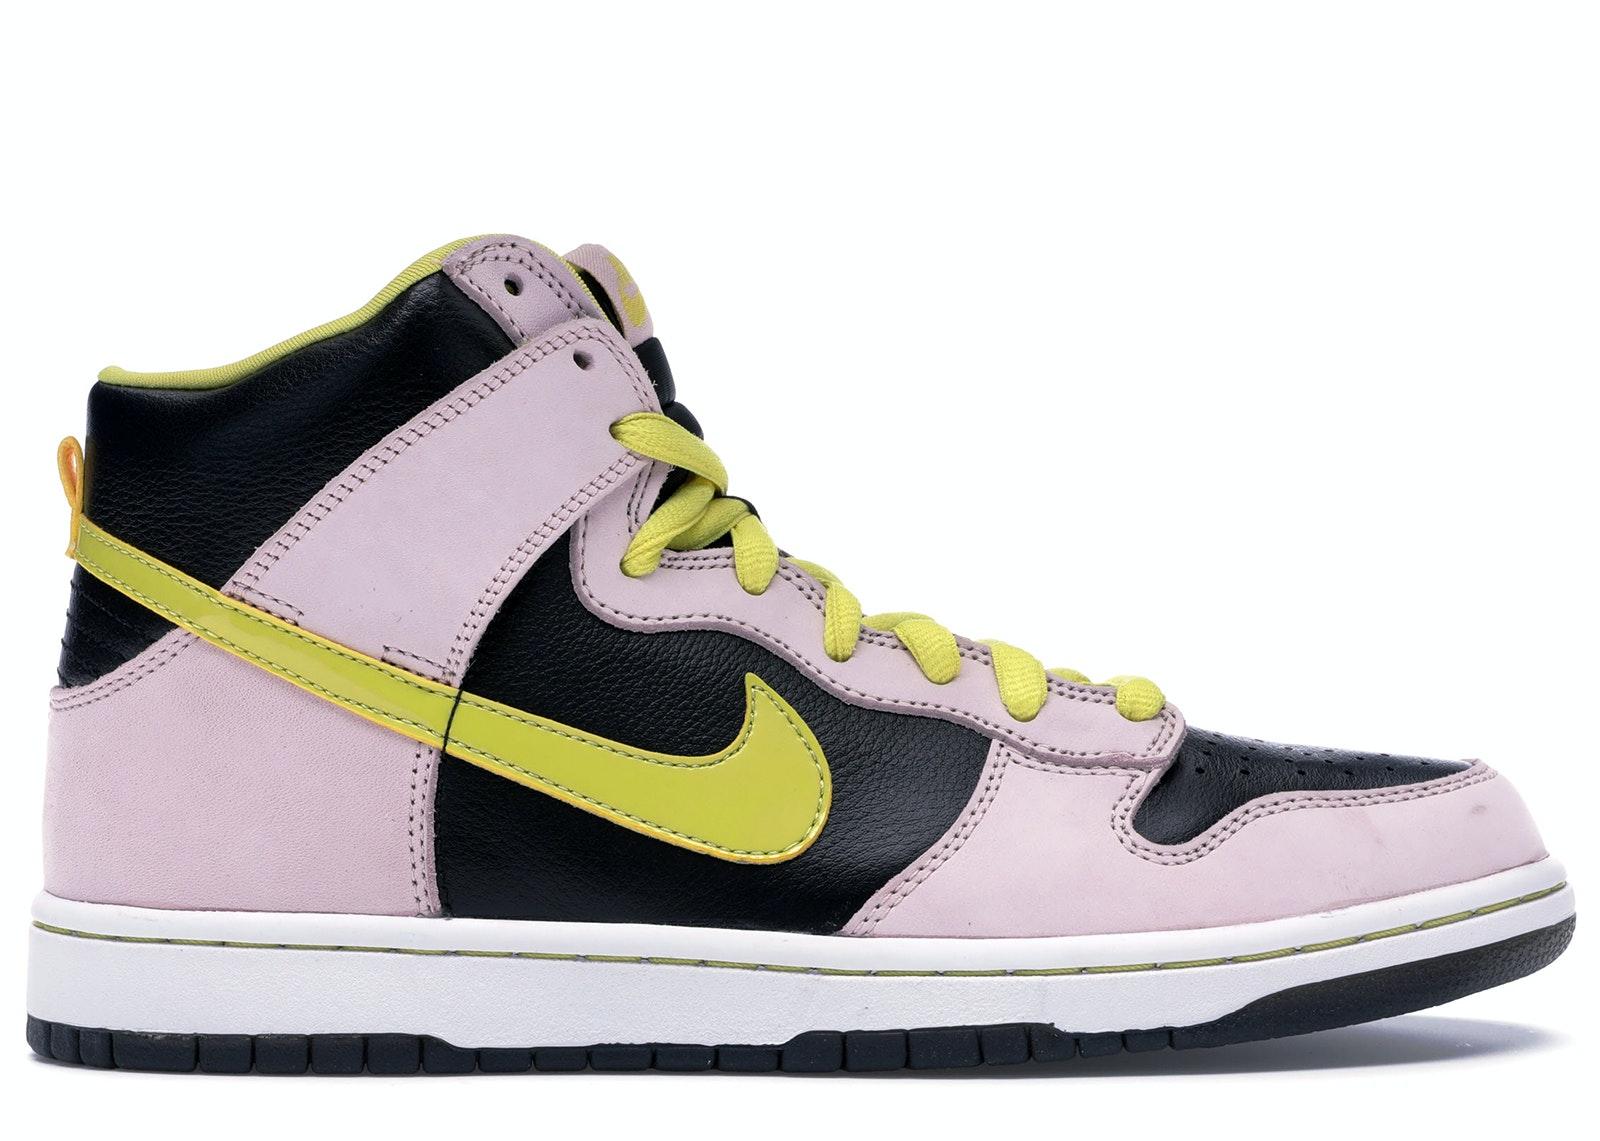 Nike SB Dunk High Miss Piggy